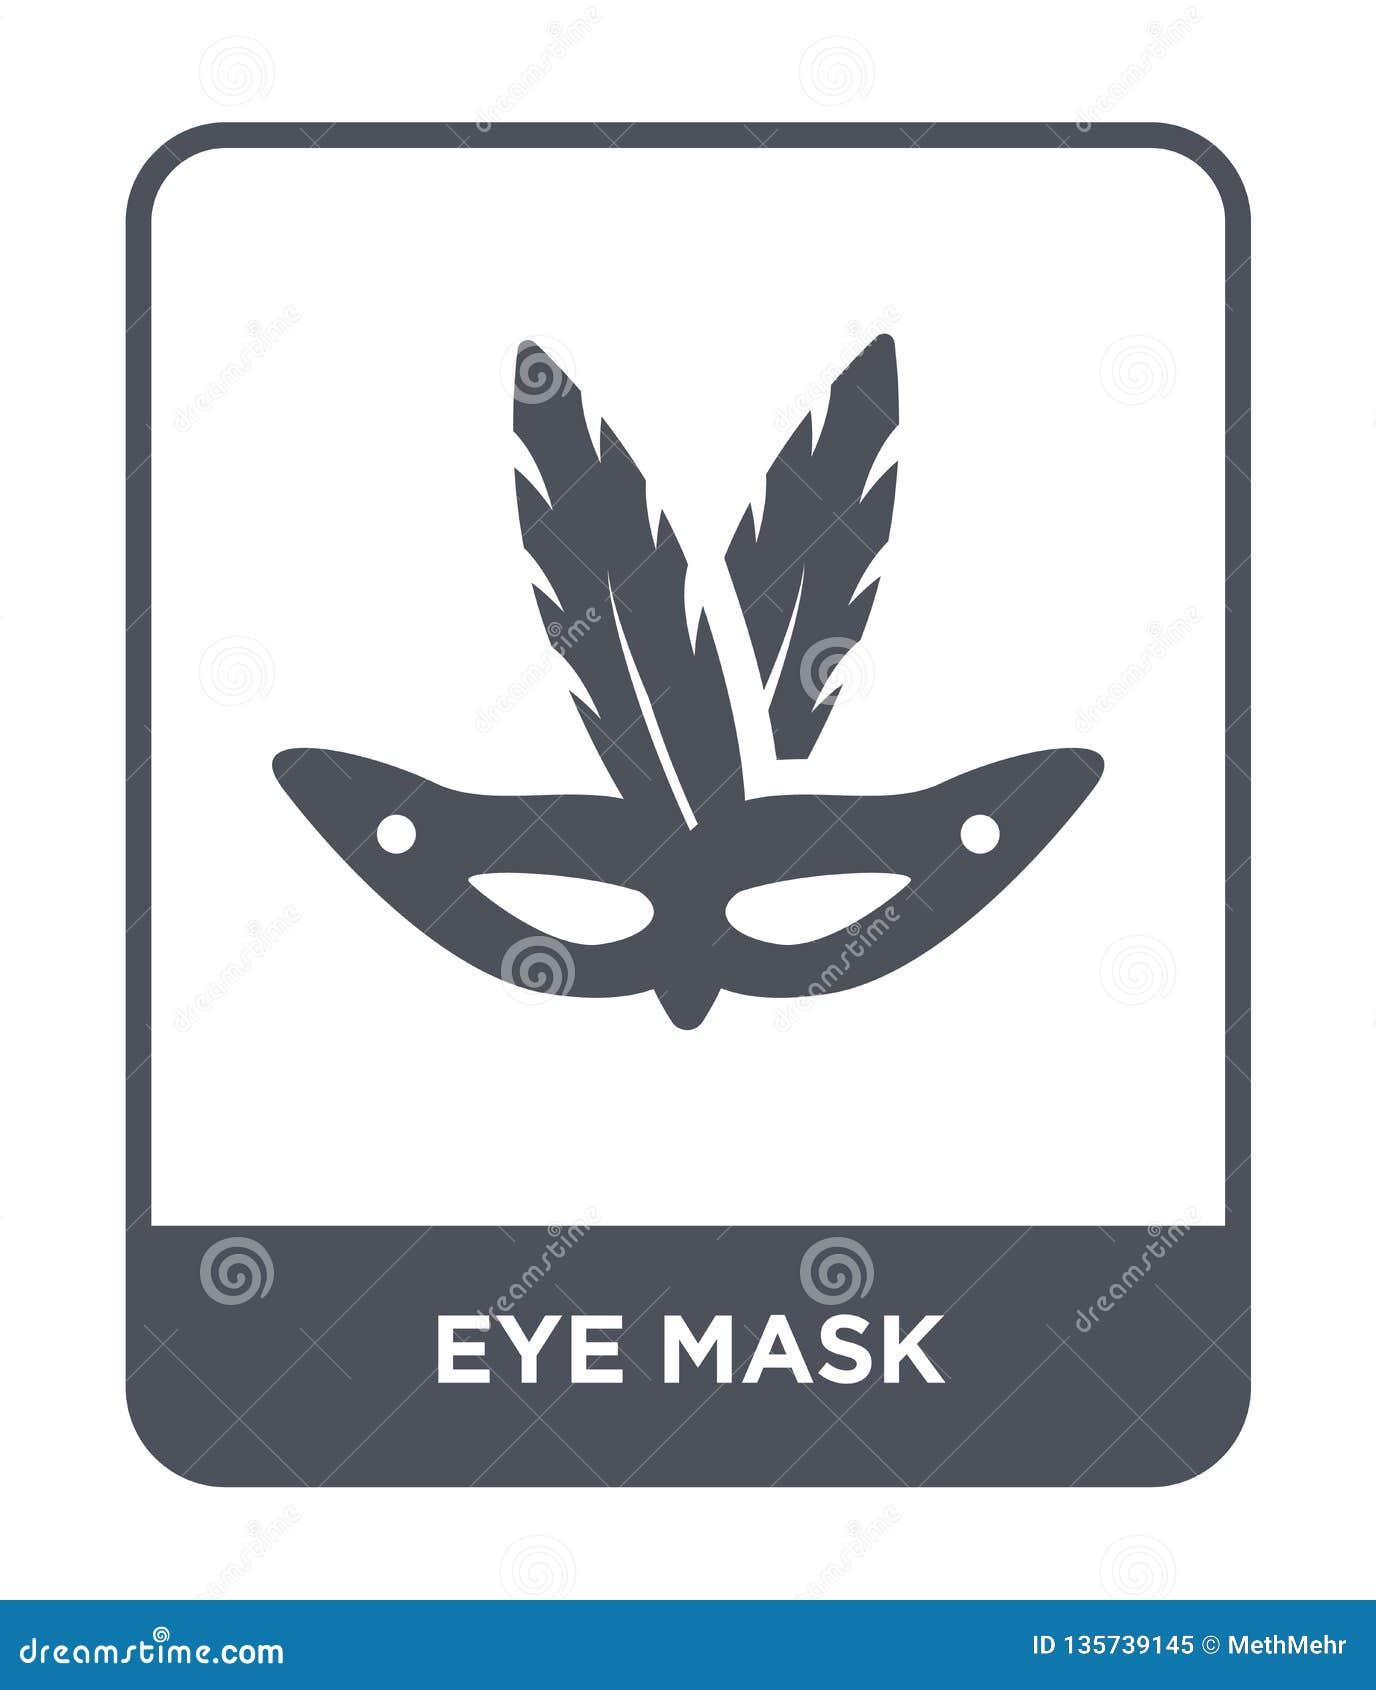 значок маски глаза в ультрамодном стиле дизайна Значок маски глаза изолированный на белой предпосылке квартира значка вектора мас